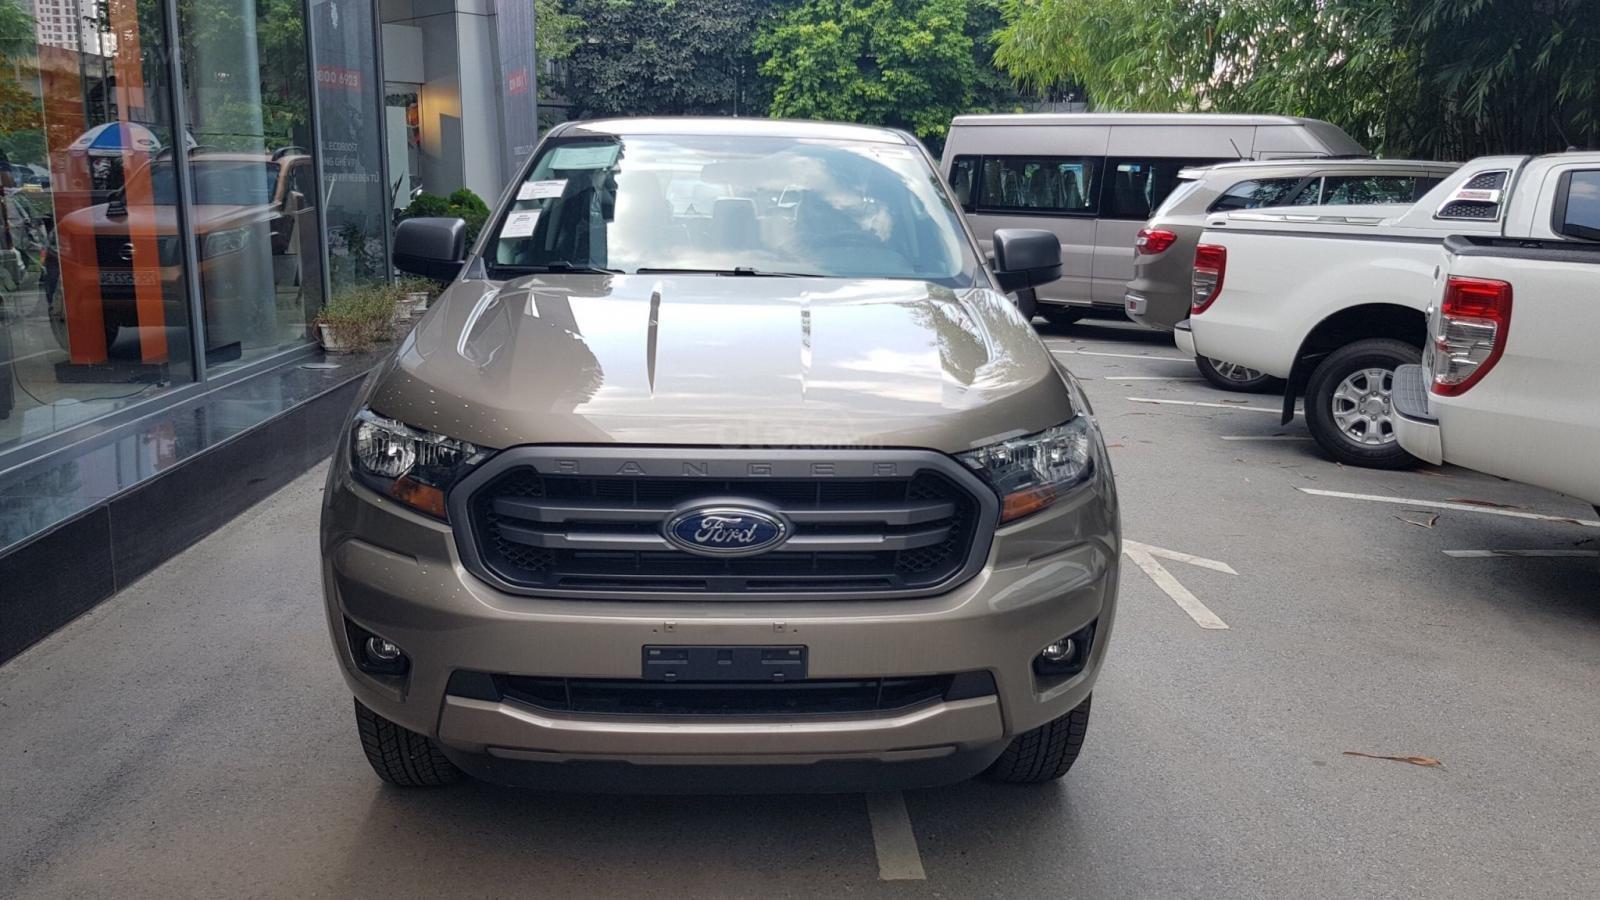 Ford Ranger XL, XLS, XLT, Wildtrak 2020 trả trước 160 triệu lấy xe ngay, giảm đến 70 triệu kèm nhiều phụ kiện hấp dẫn (1)